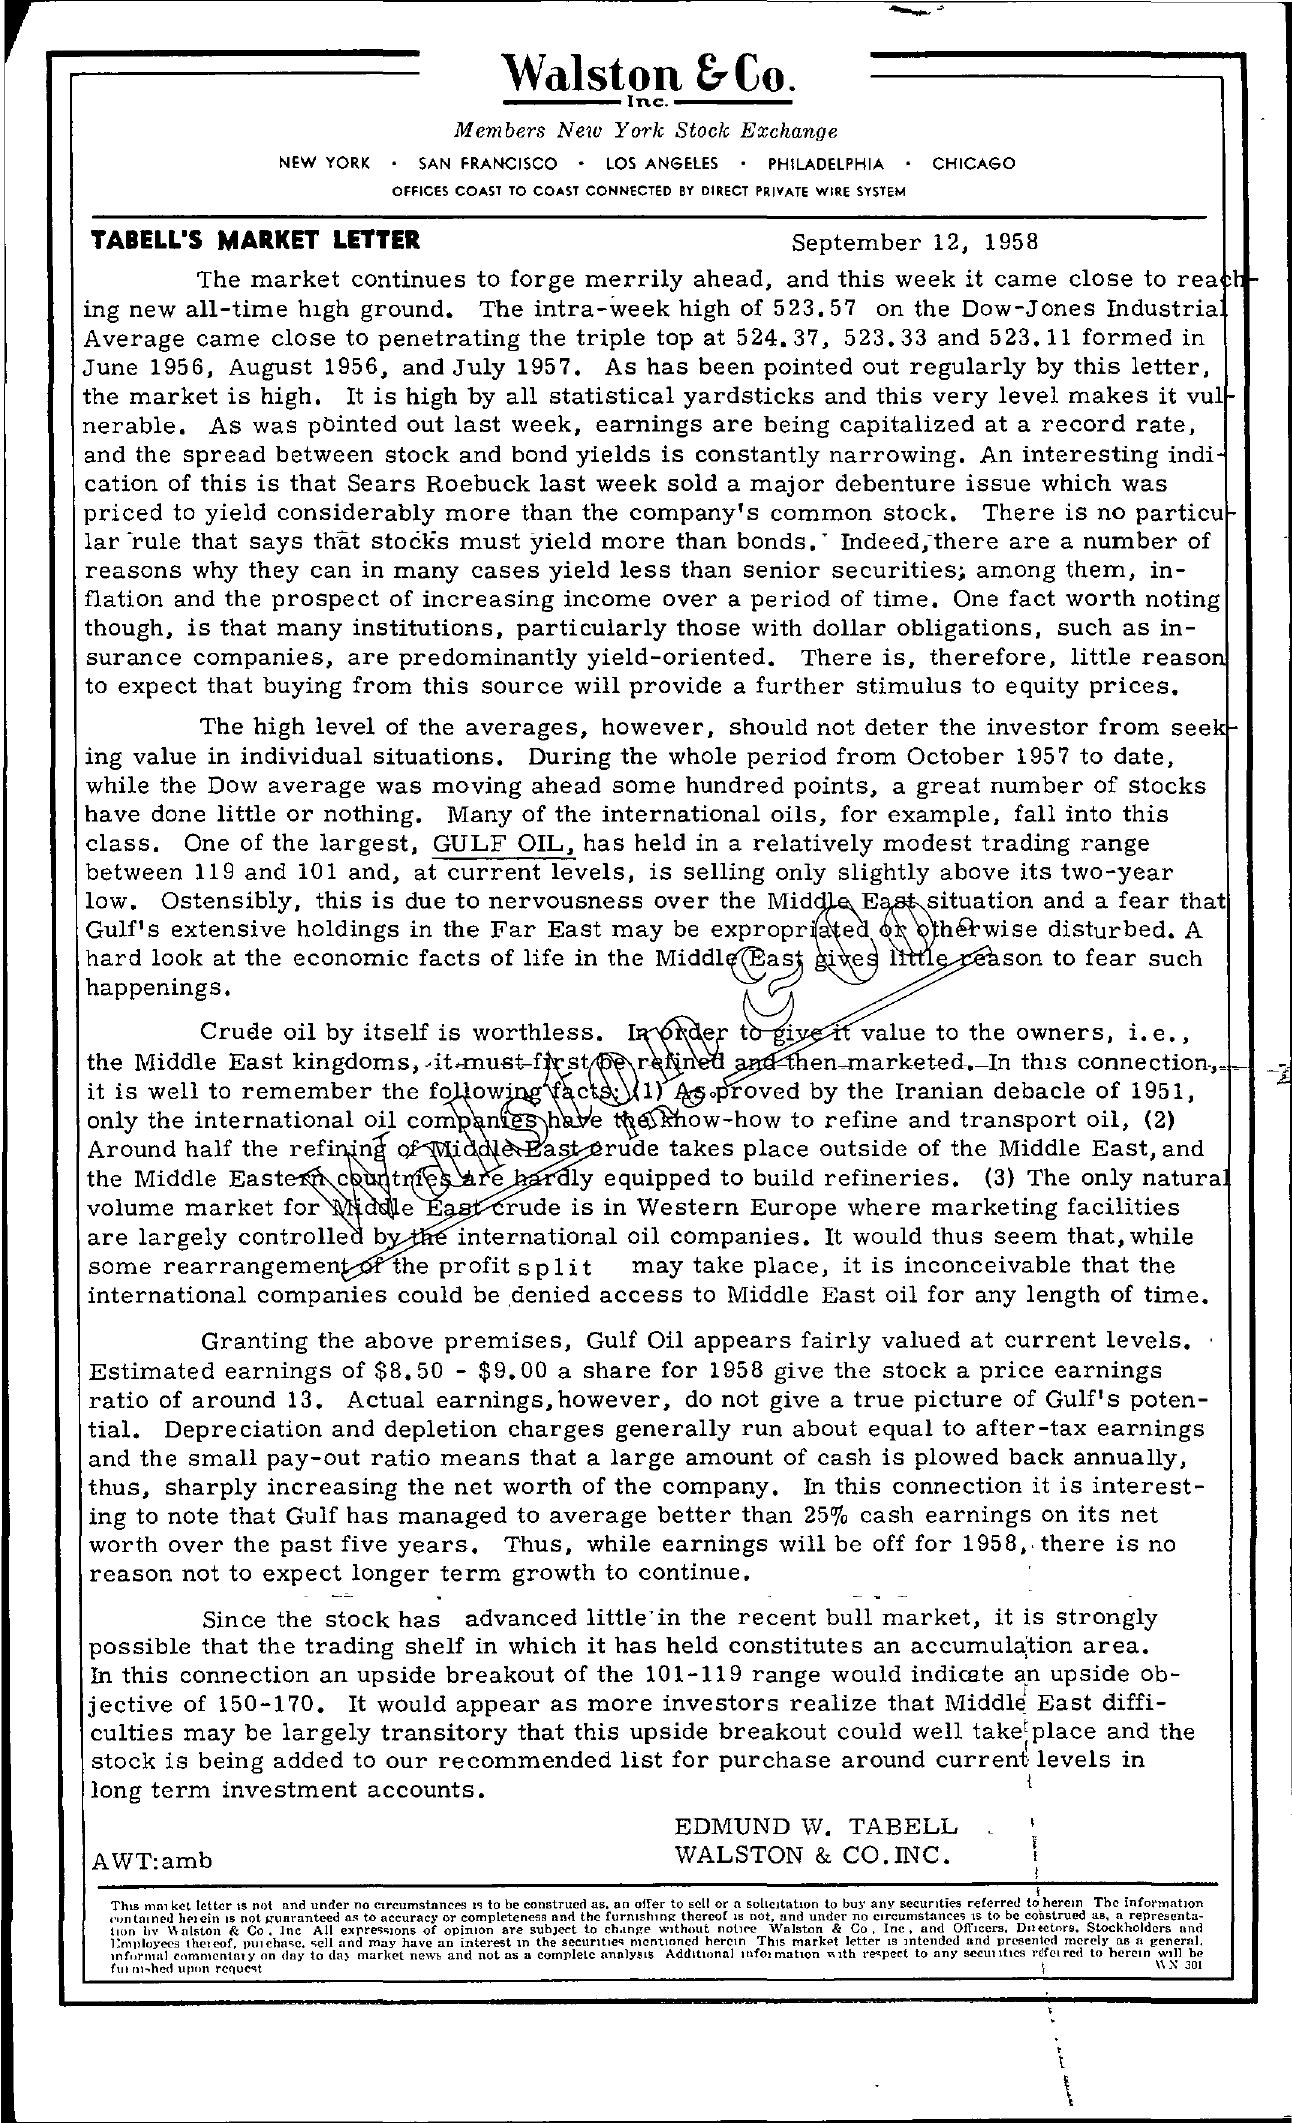 Tabell's Market Letter - September 12, 1958